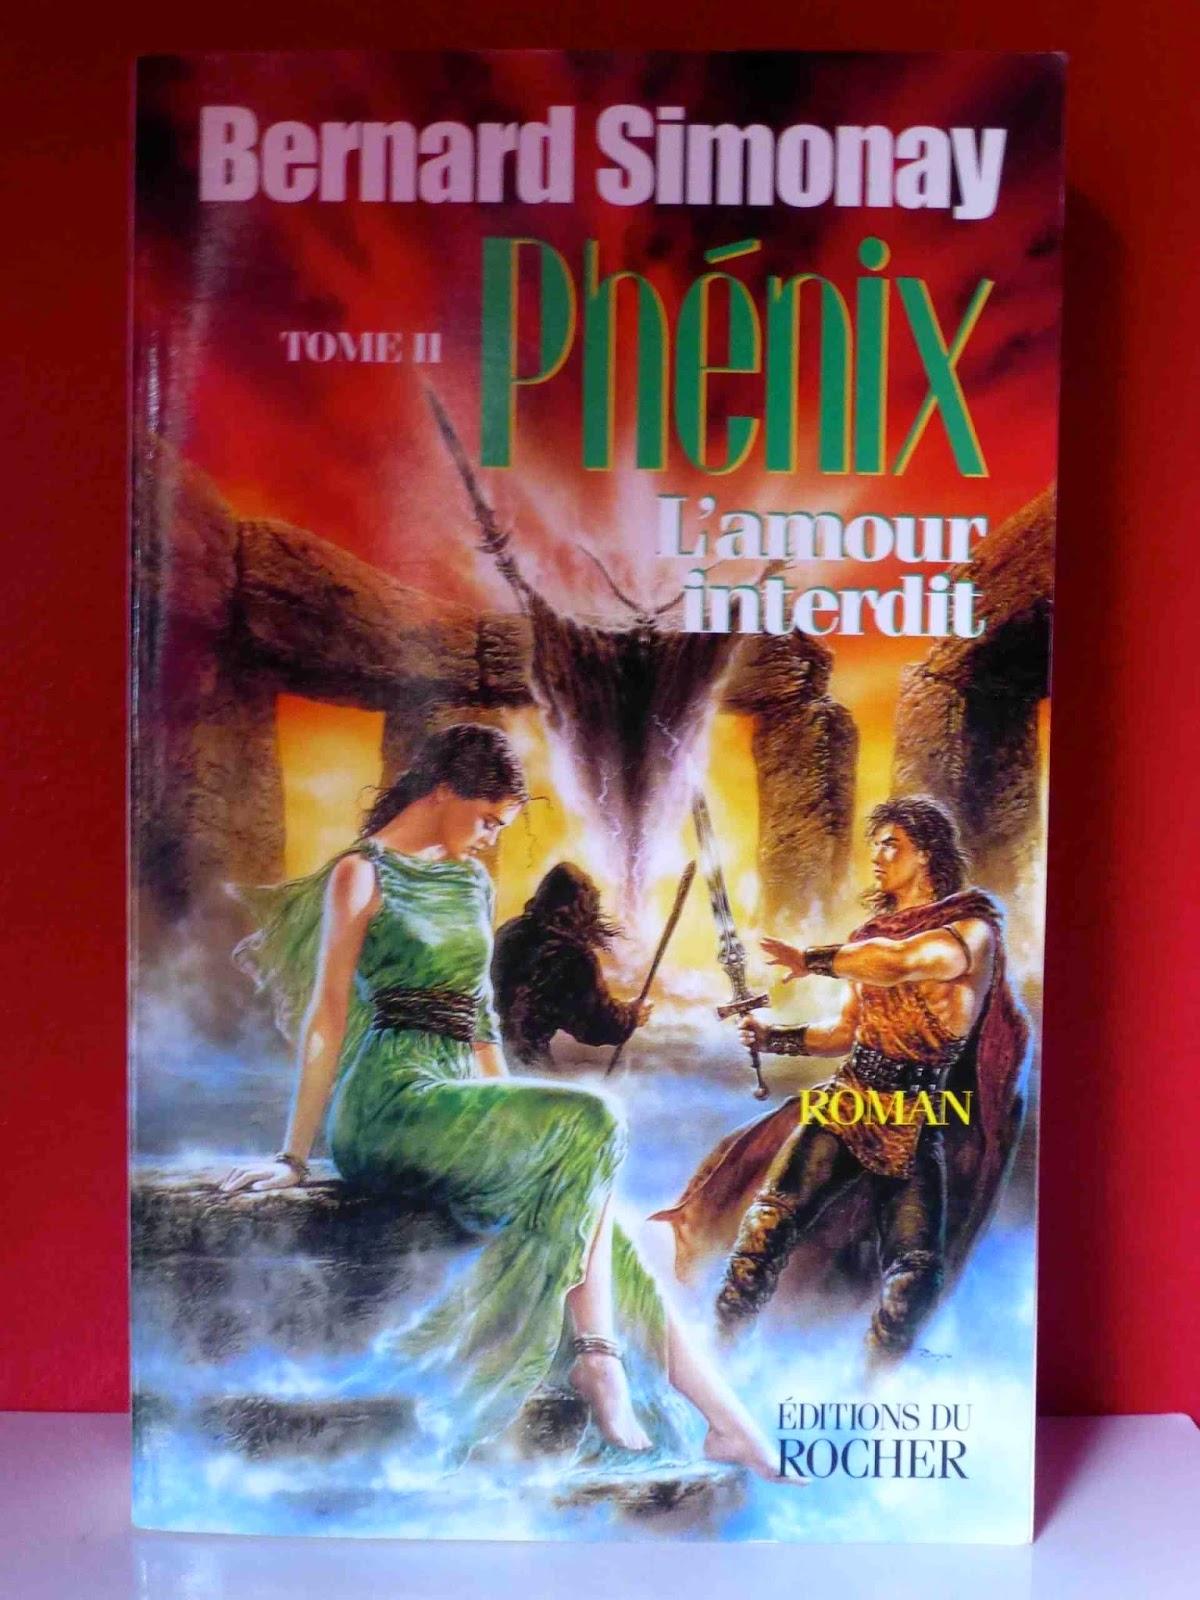 Roman fantastique et fantasy